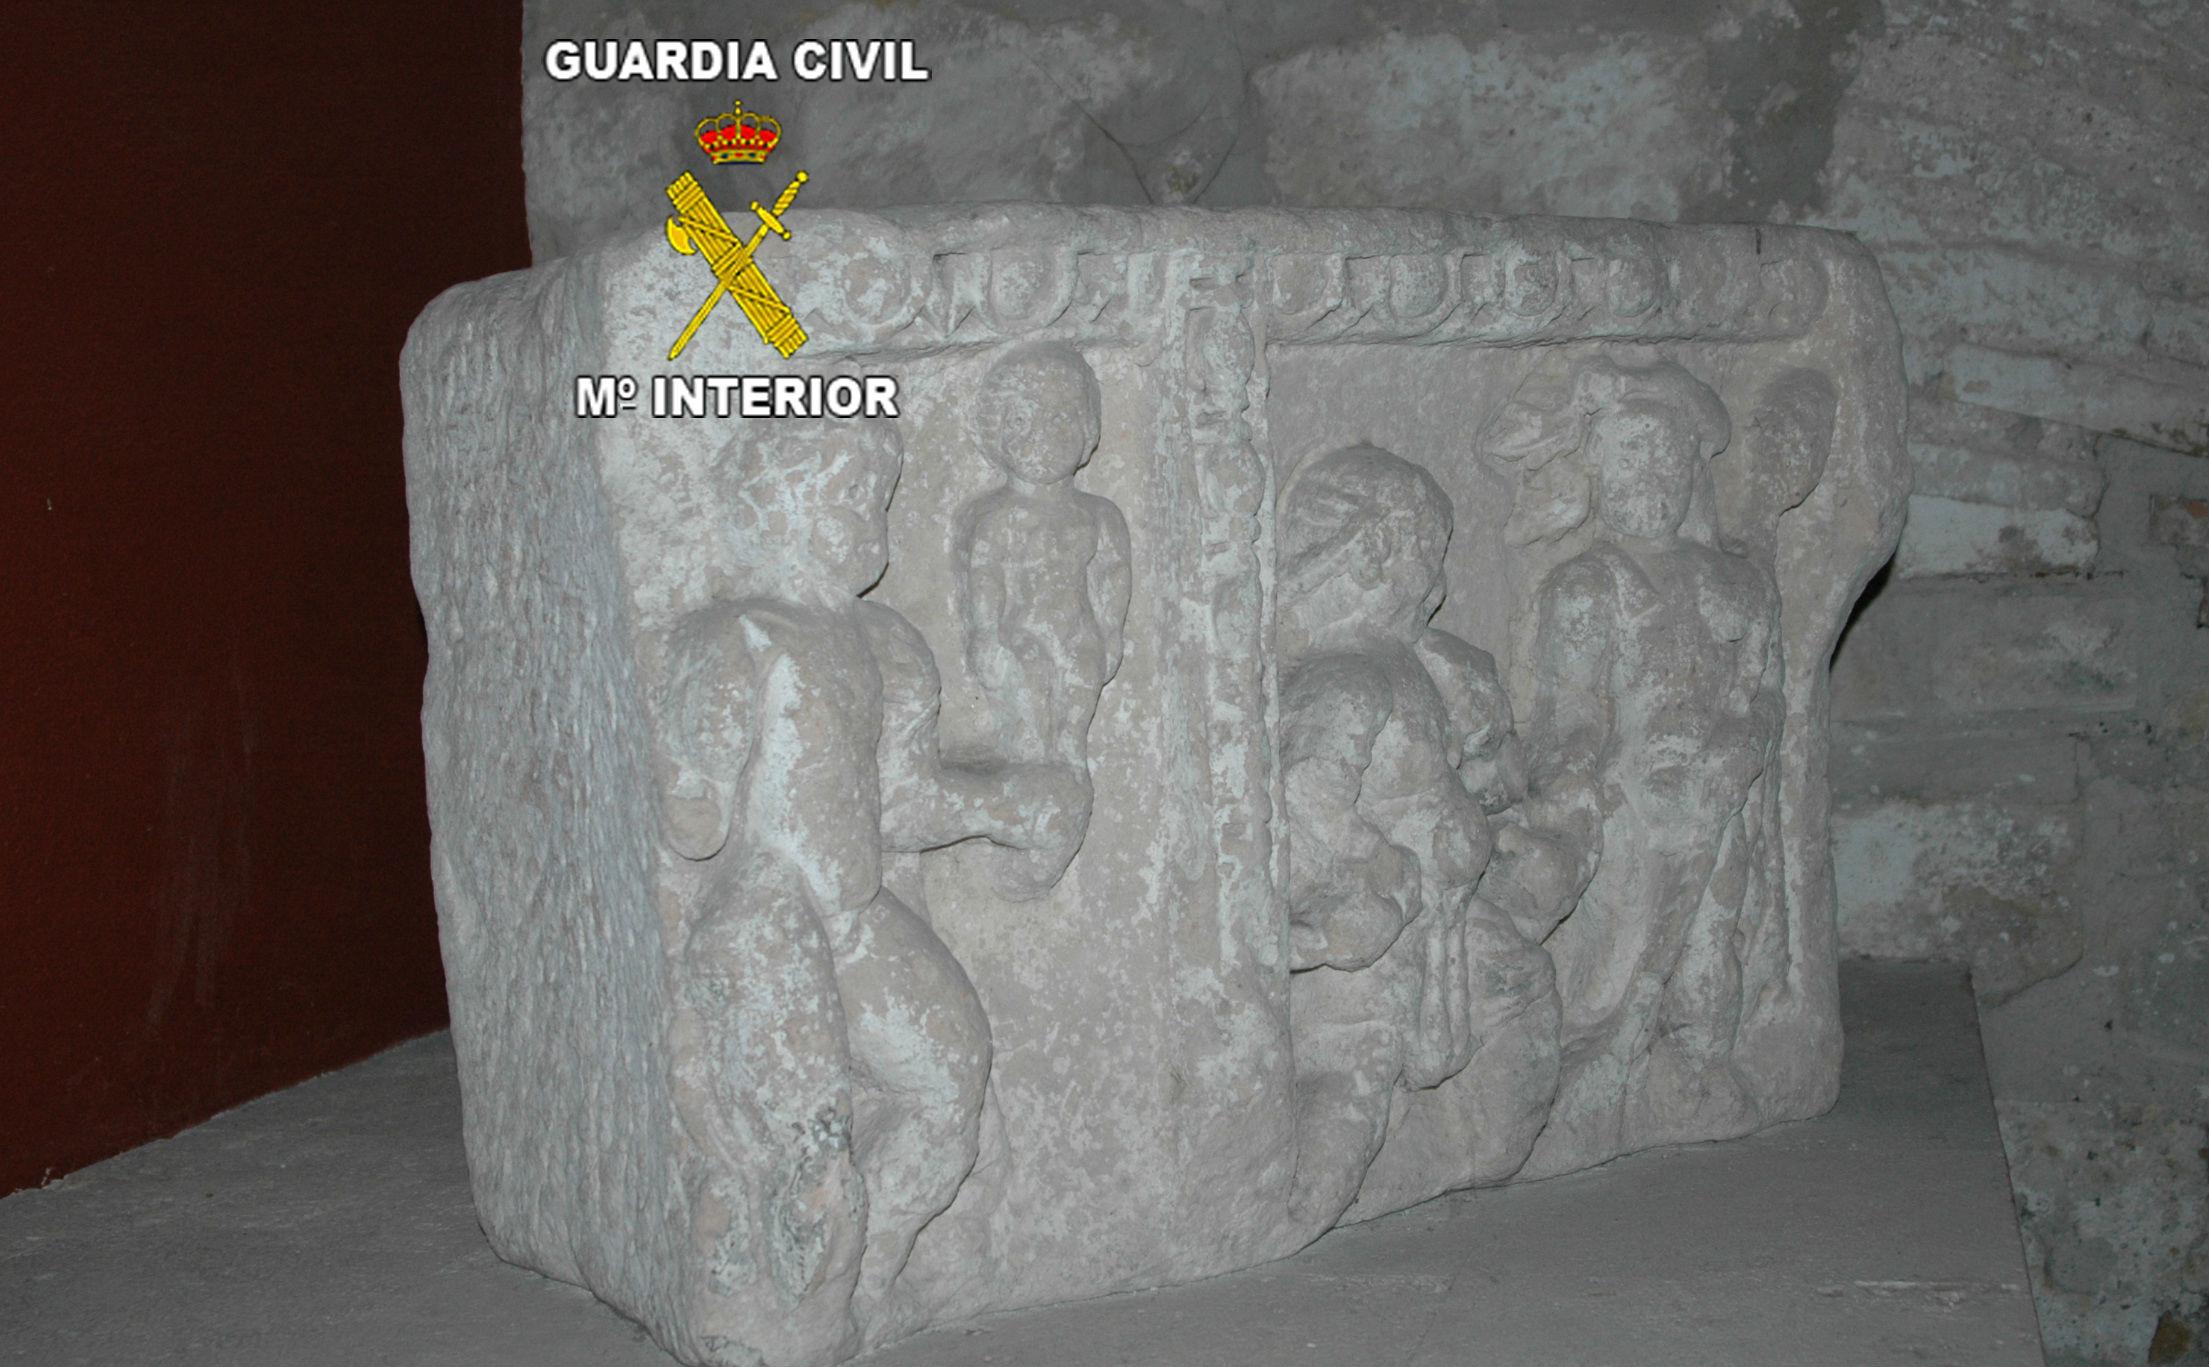 Pieza romana confiscada por la Guardia Civil de Jaén en el marco de la operación.